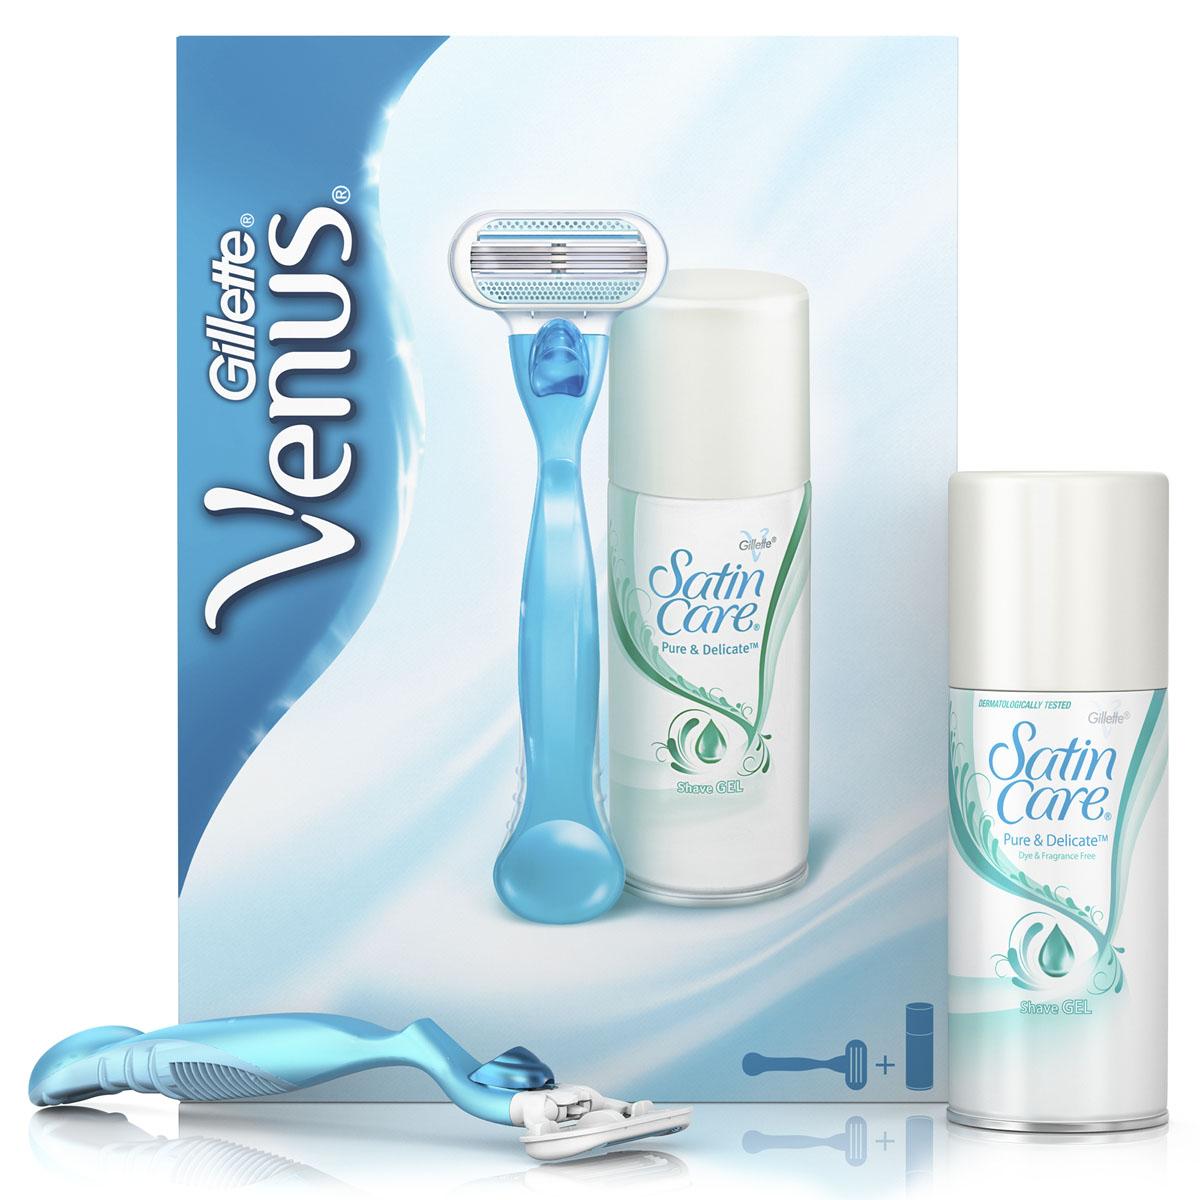 Venus Classic Подарочный набор (Бритва Venus Classic + Гель для бритья Satin Care 75 мл)